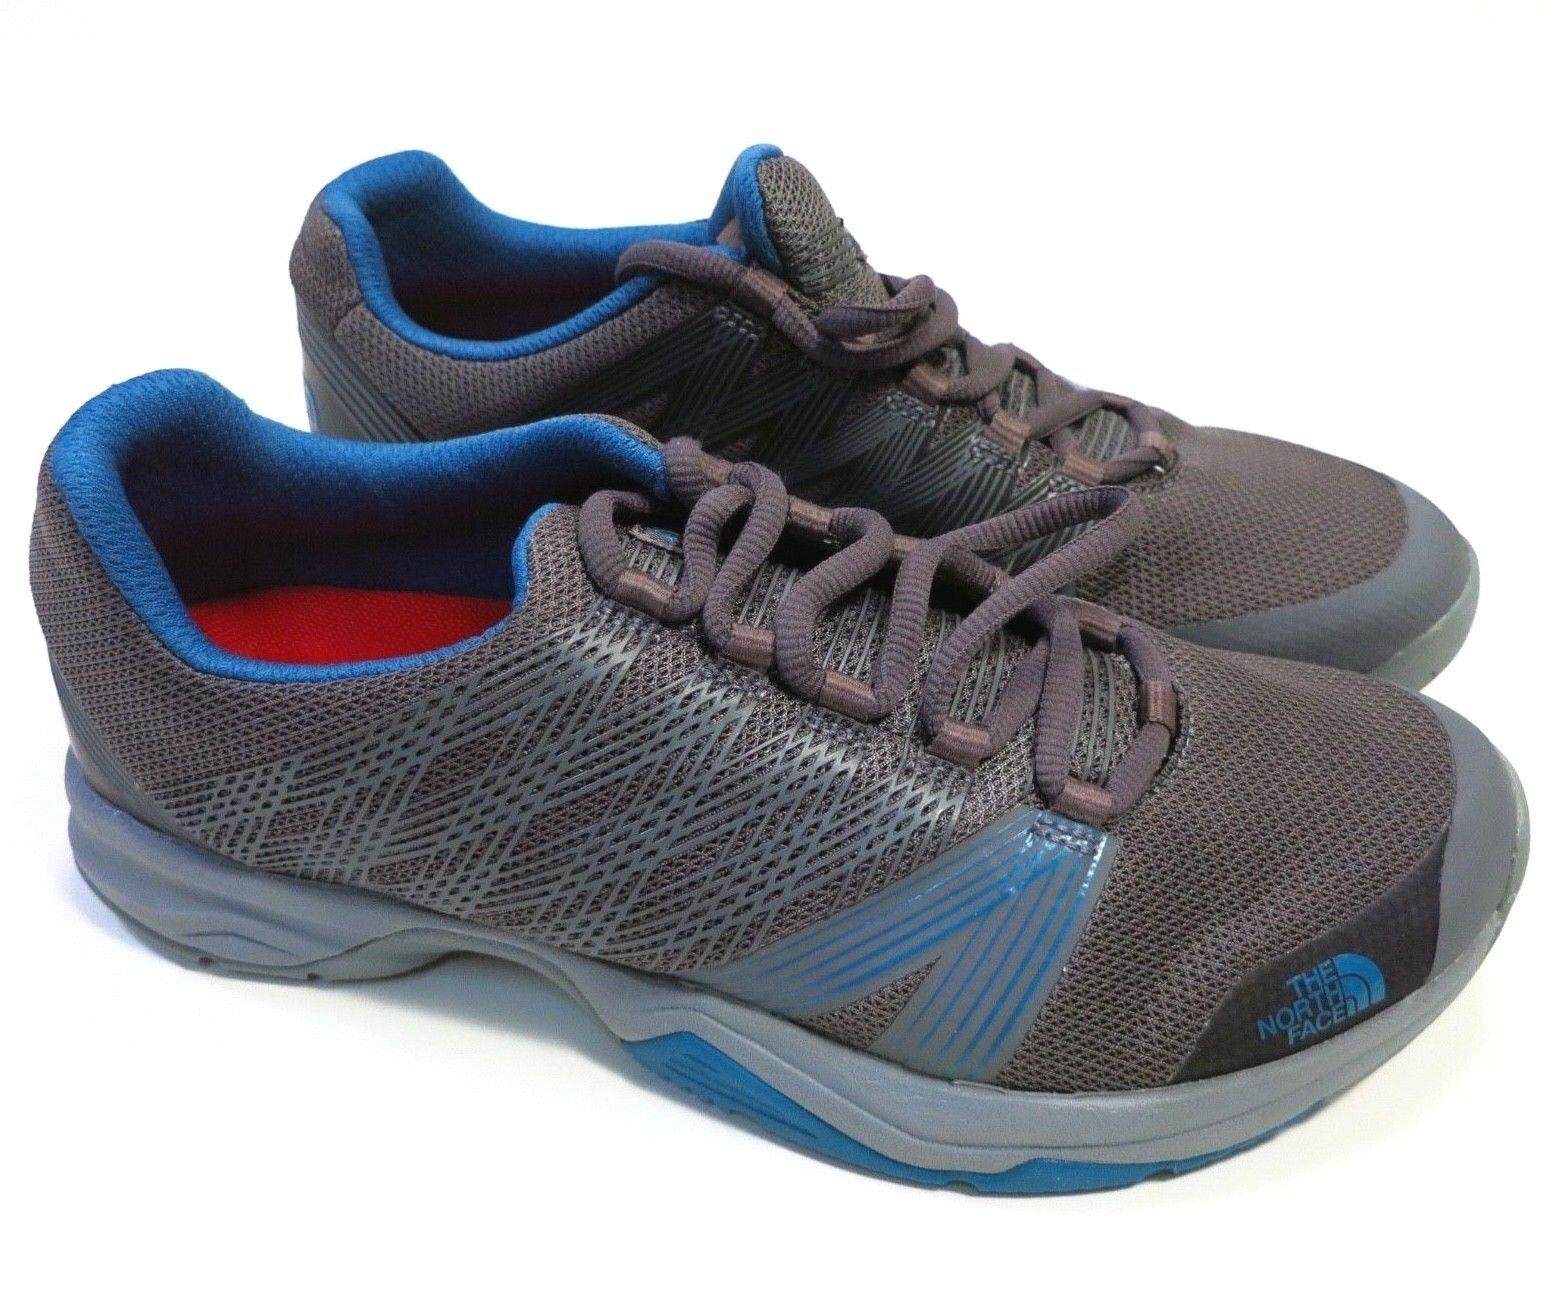 99 The North Face Men's Litewave Ampere II  Size 9 Grey blueeeeeeeee NEW  store online